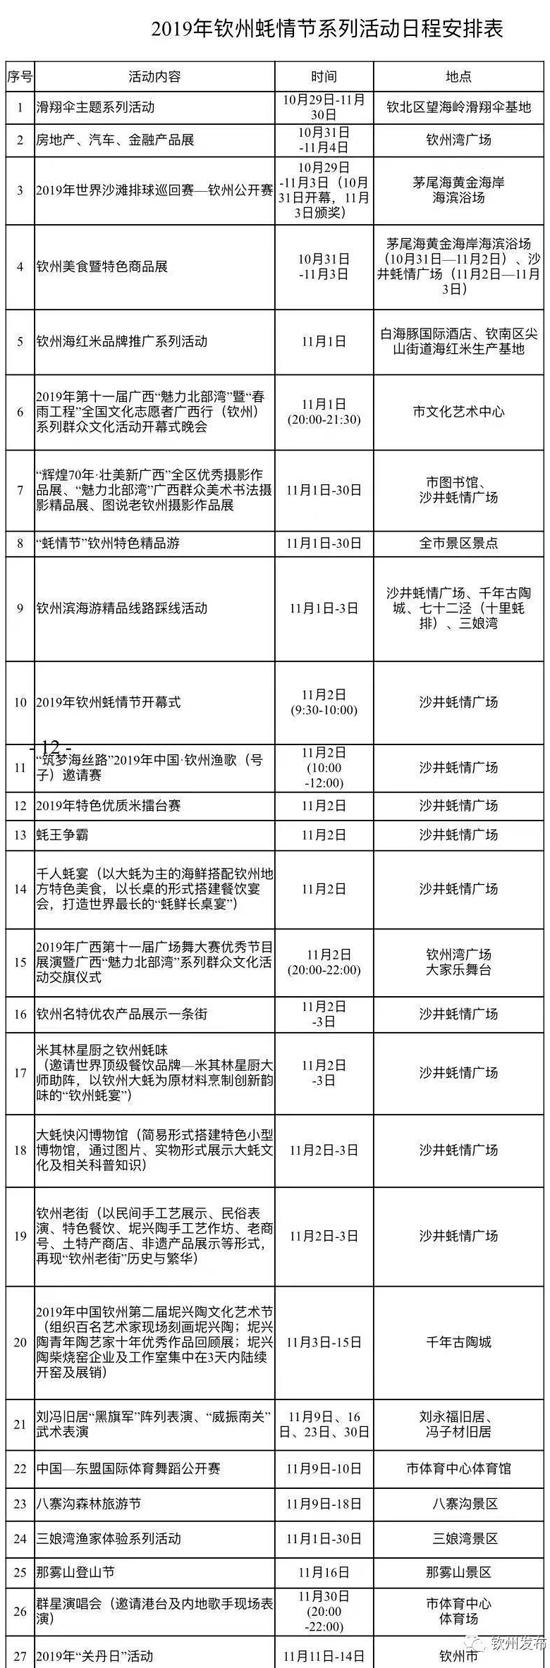 钦州蚝情节系列活动10月29日开启 活动详细安排表出炉(组图)